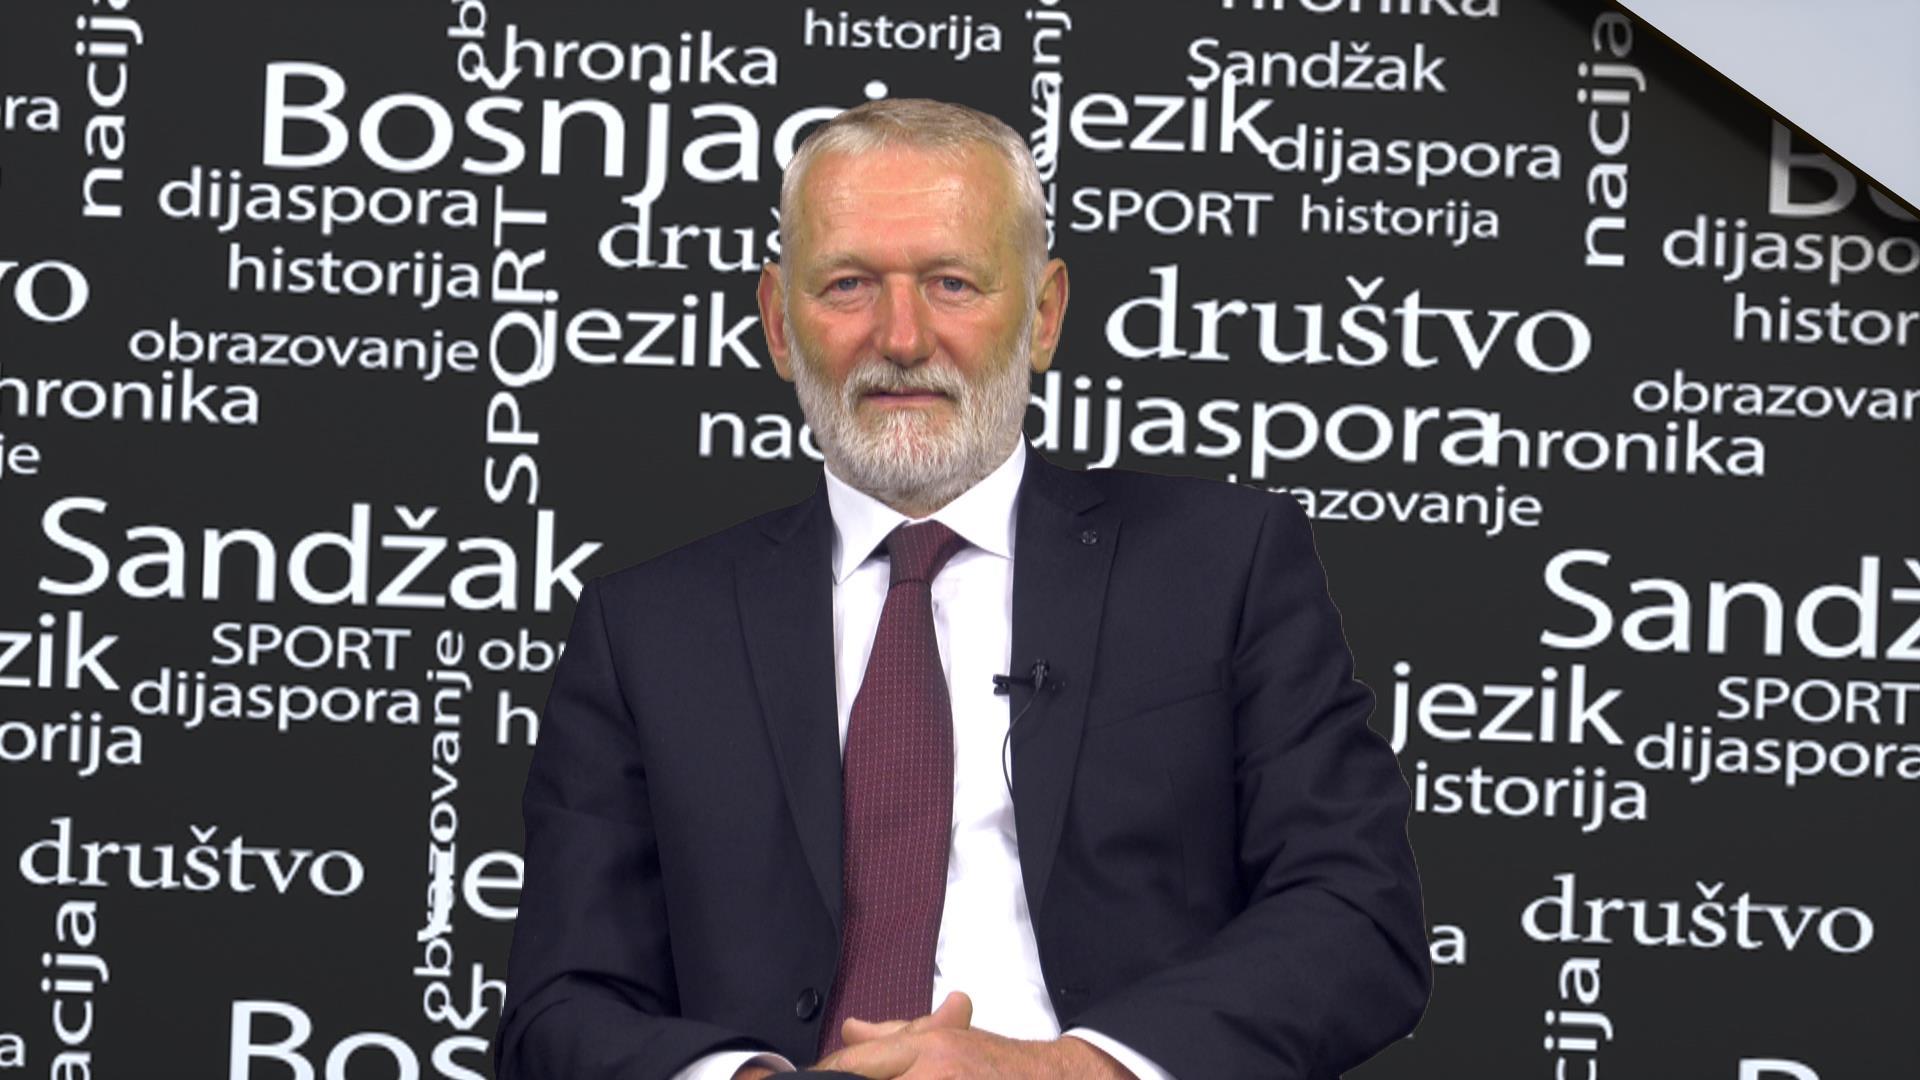 873A1A58 F275 4D42 A5A1 F1152632377A - Tandir: Ponosan sam na sve što smo postigli i radili u Prijepolju tokom našeg mandata